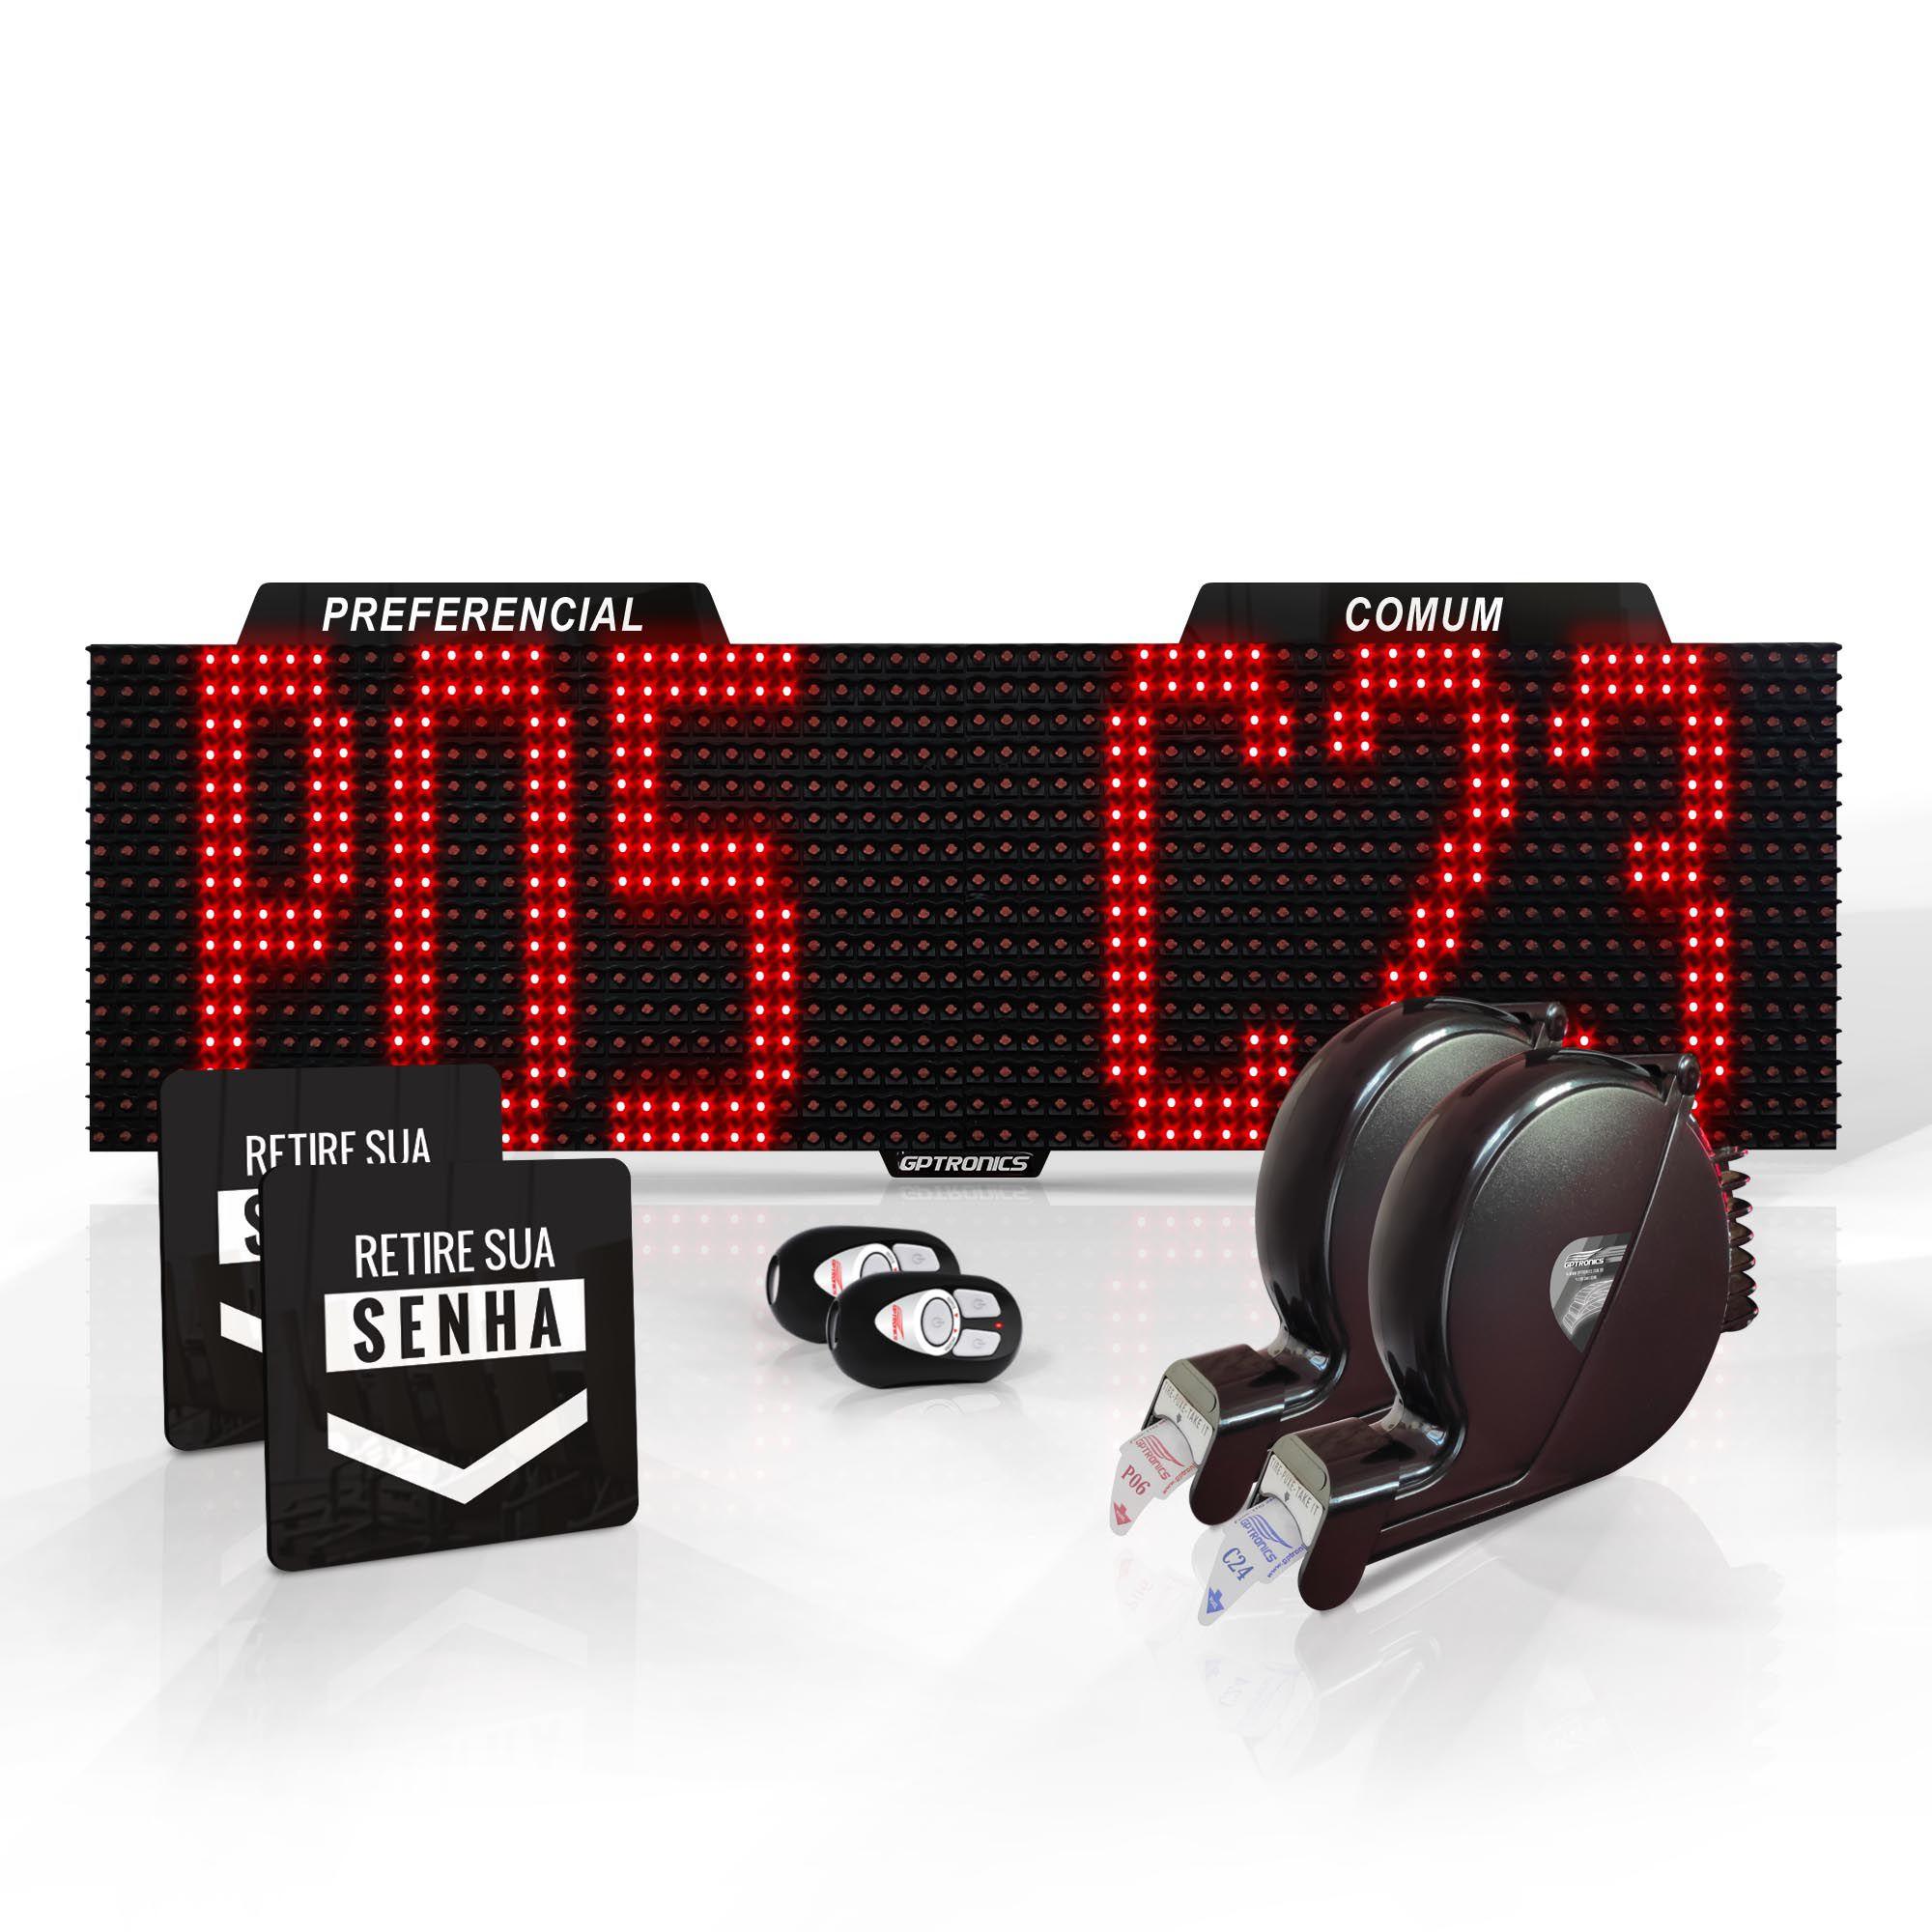 Agilize Full SD - Painel de Senhas Preferencial e Comum com Mensagem e 2 Dispensadores - 64x16x4cm